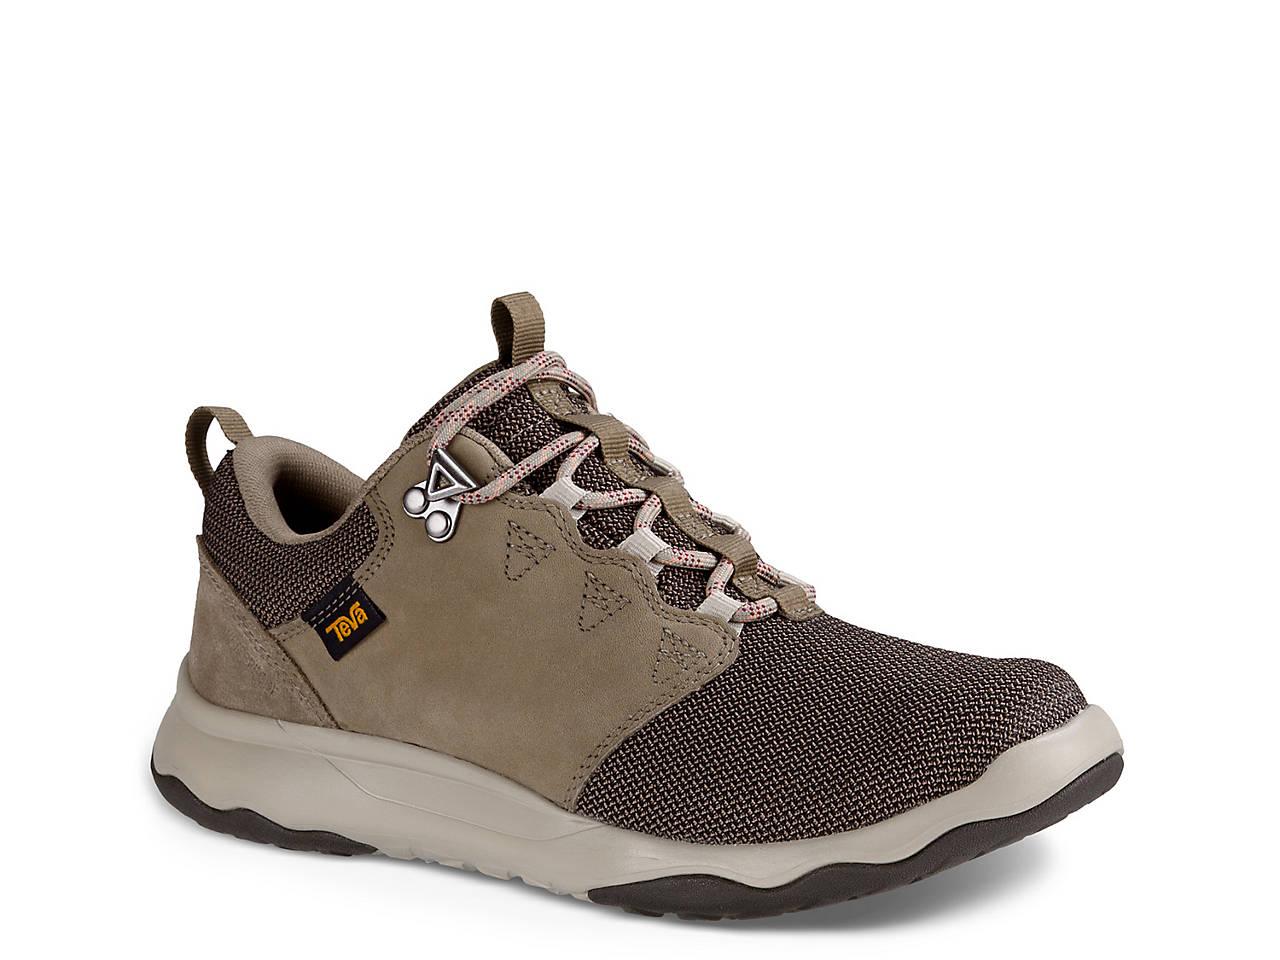 c96dc875d8aff Teva Arrowood WP Trail Shoe Women s Shoes